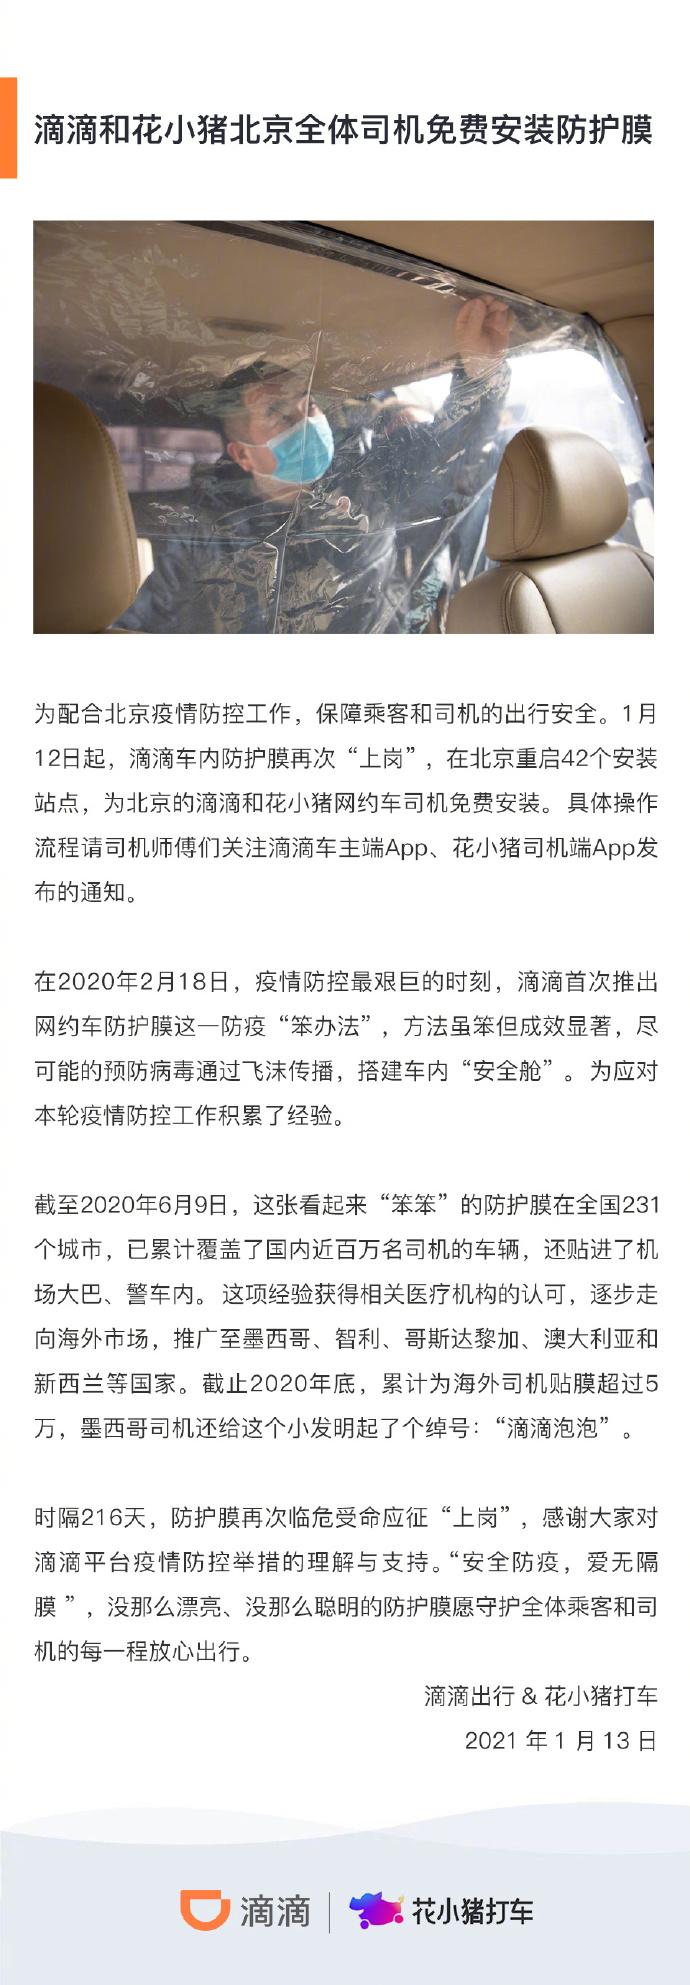 滴滴和花小猪北京全体司机免费安装防护膜图片